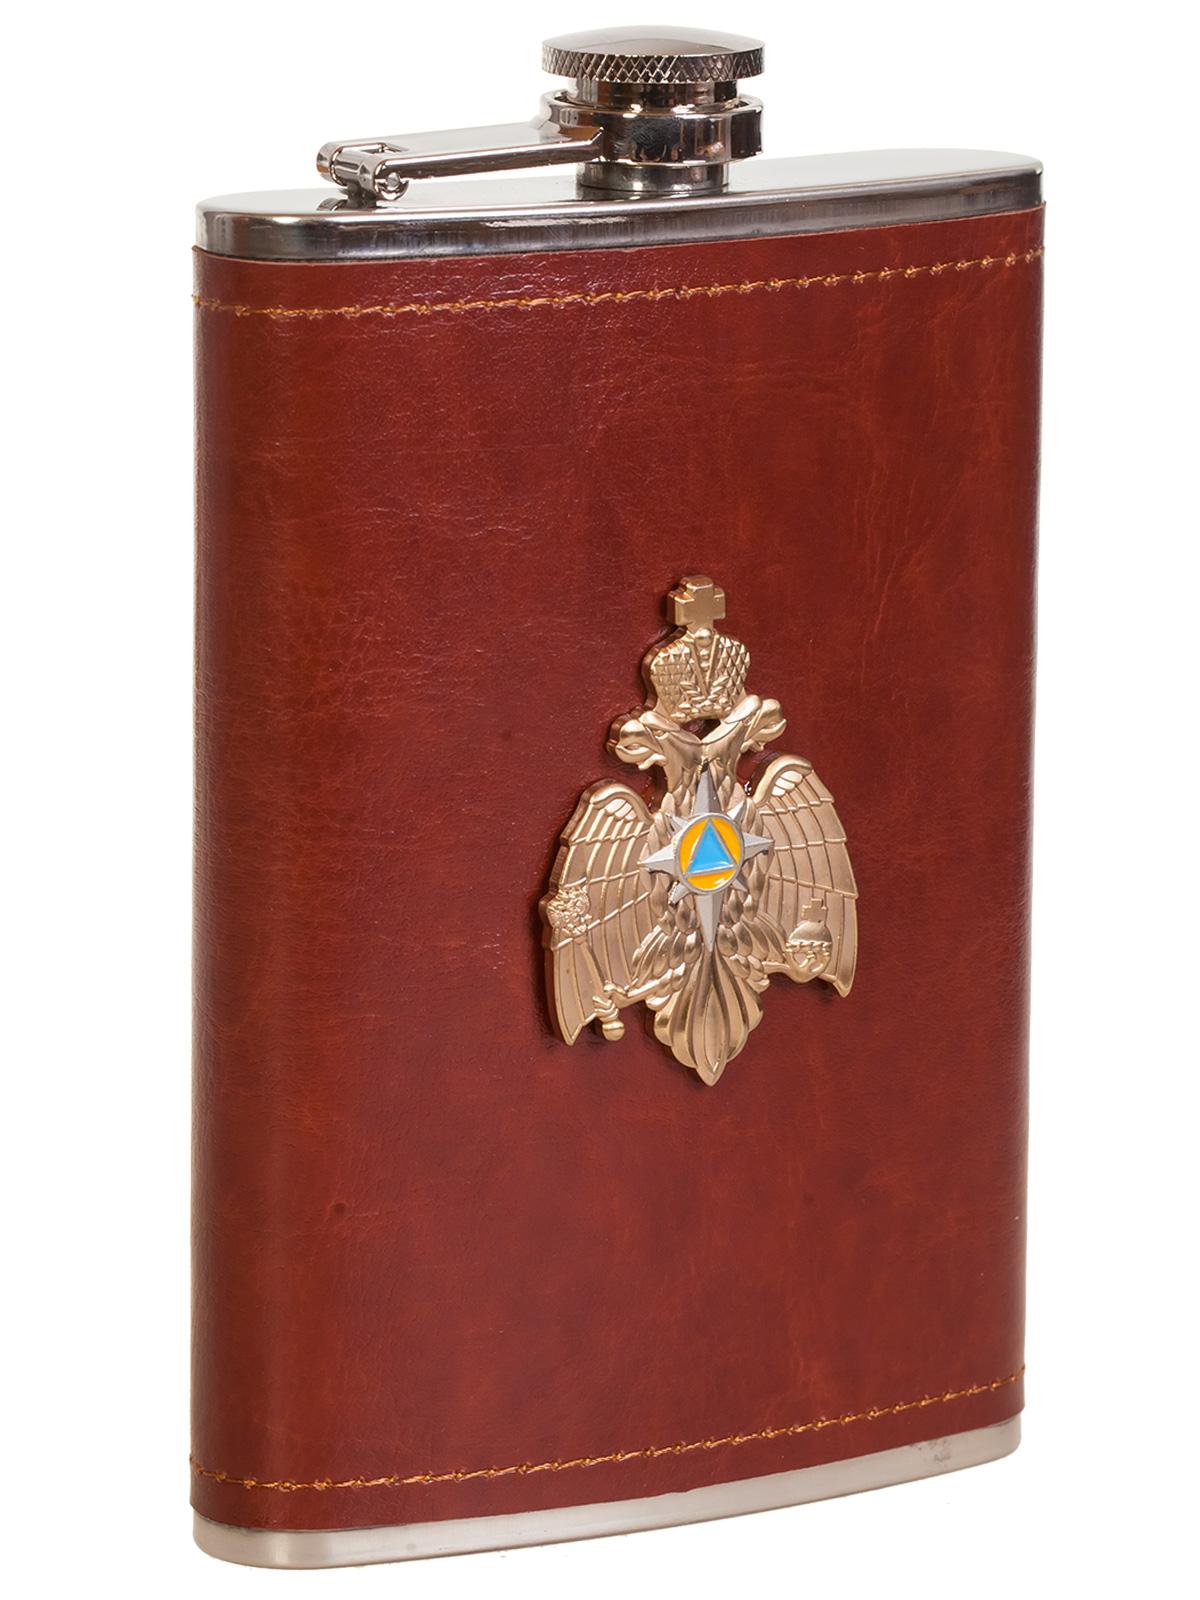 Купить карманную фляжку в кожаном чехле с металлической накладкой МЧС выгодно с доставкой